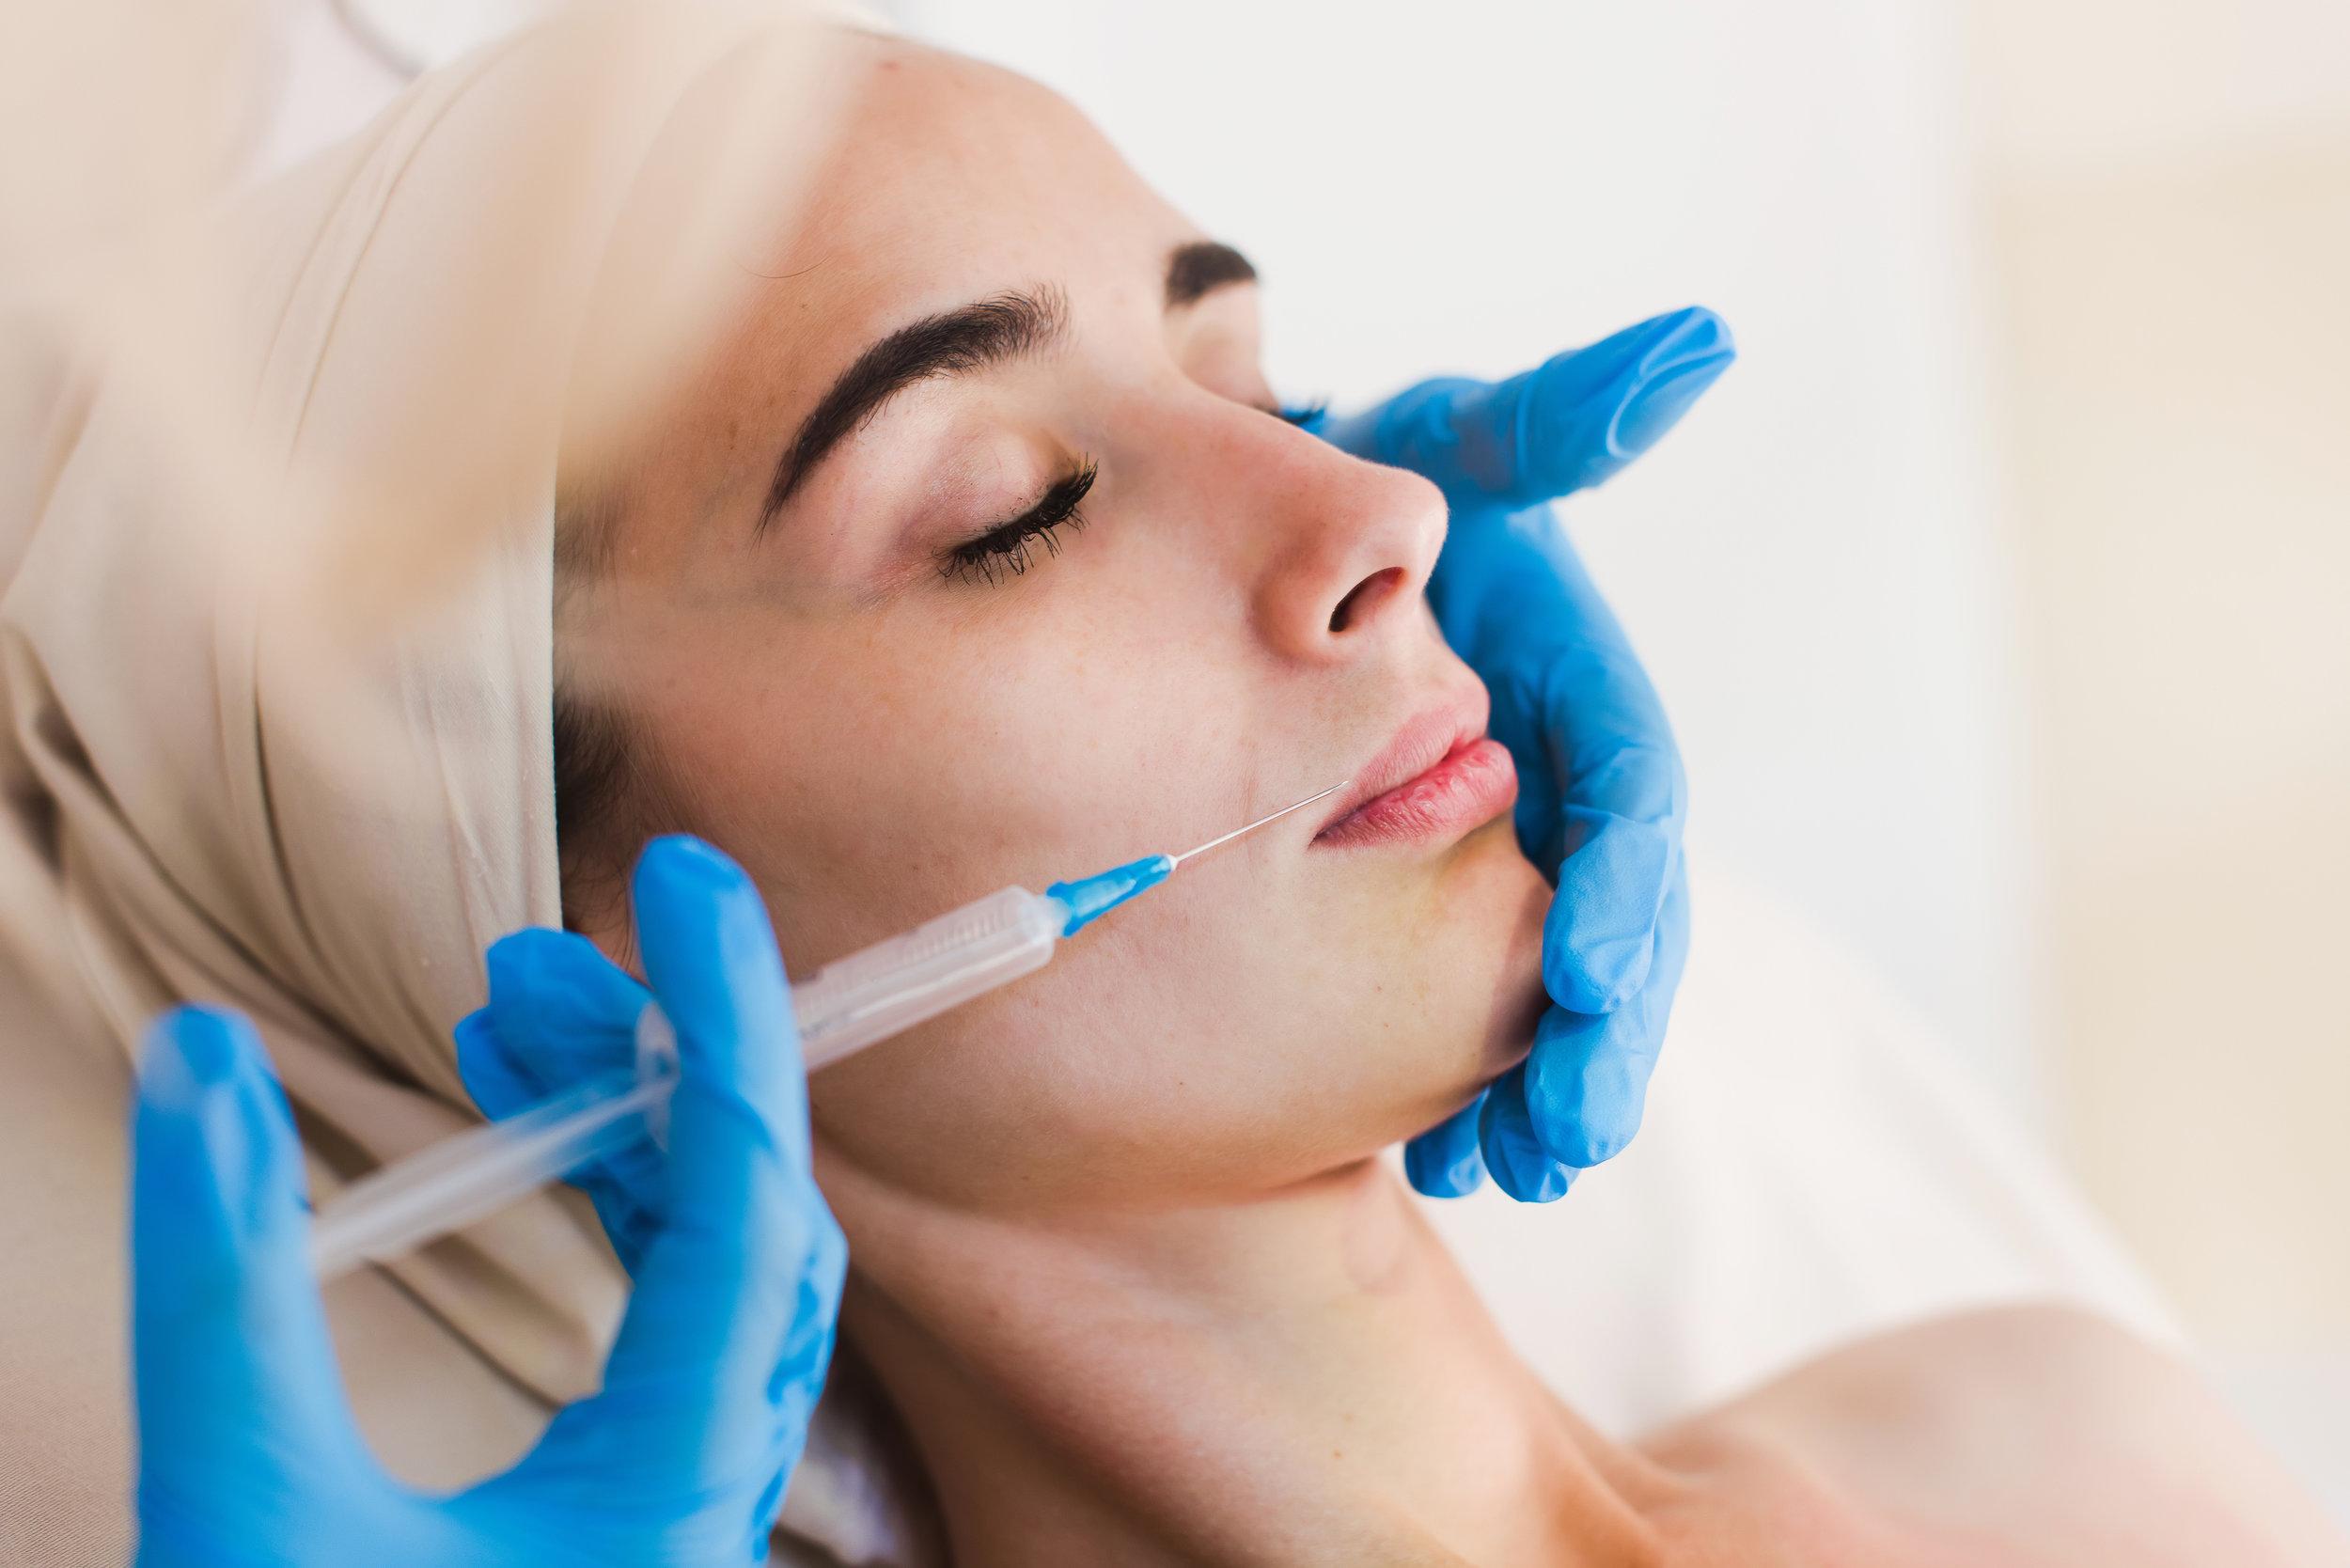 Patient receiving fillers for facial rejuvenation.